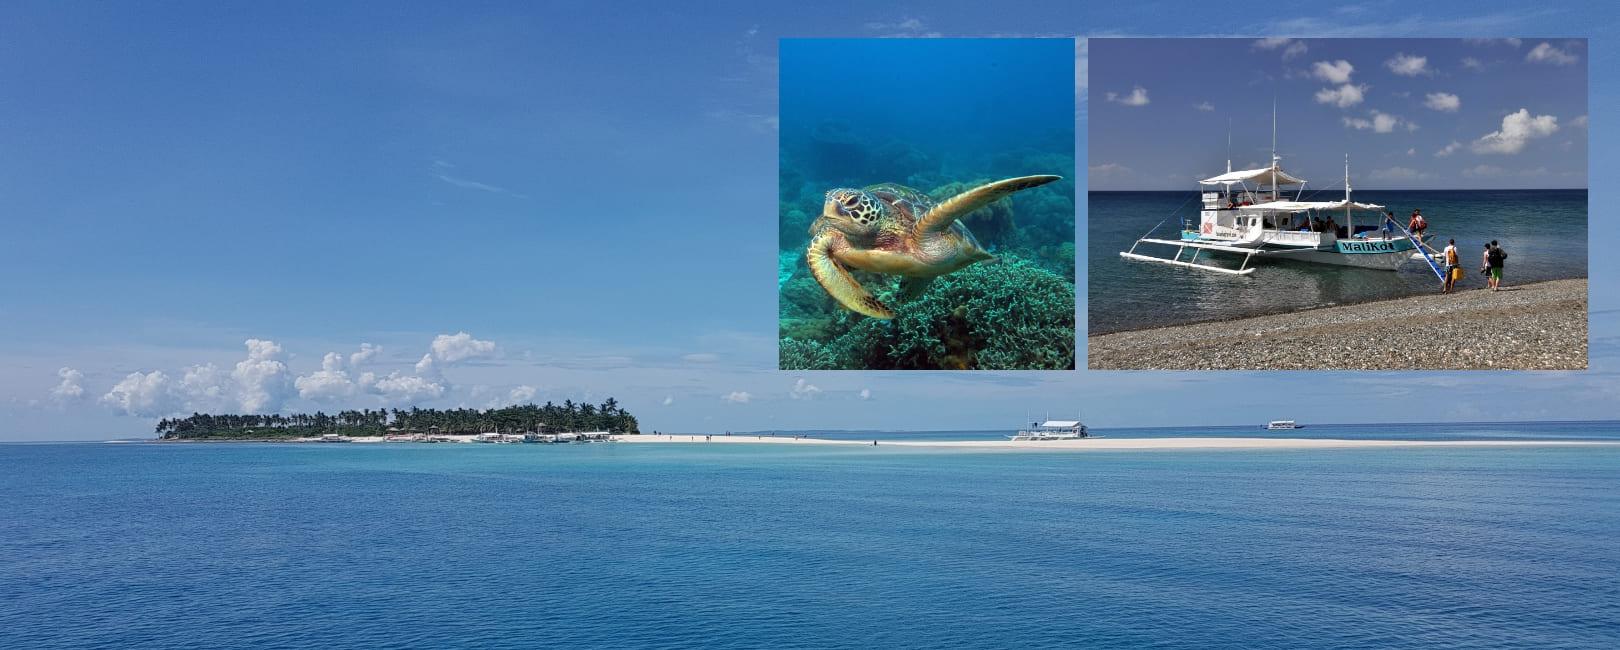 Island Hopping Philippines - Plongée aux Philippines avec Dive-Shop.ch Travel